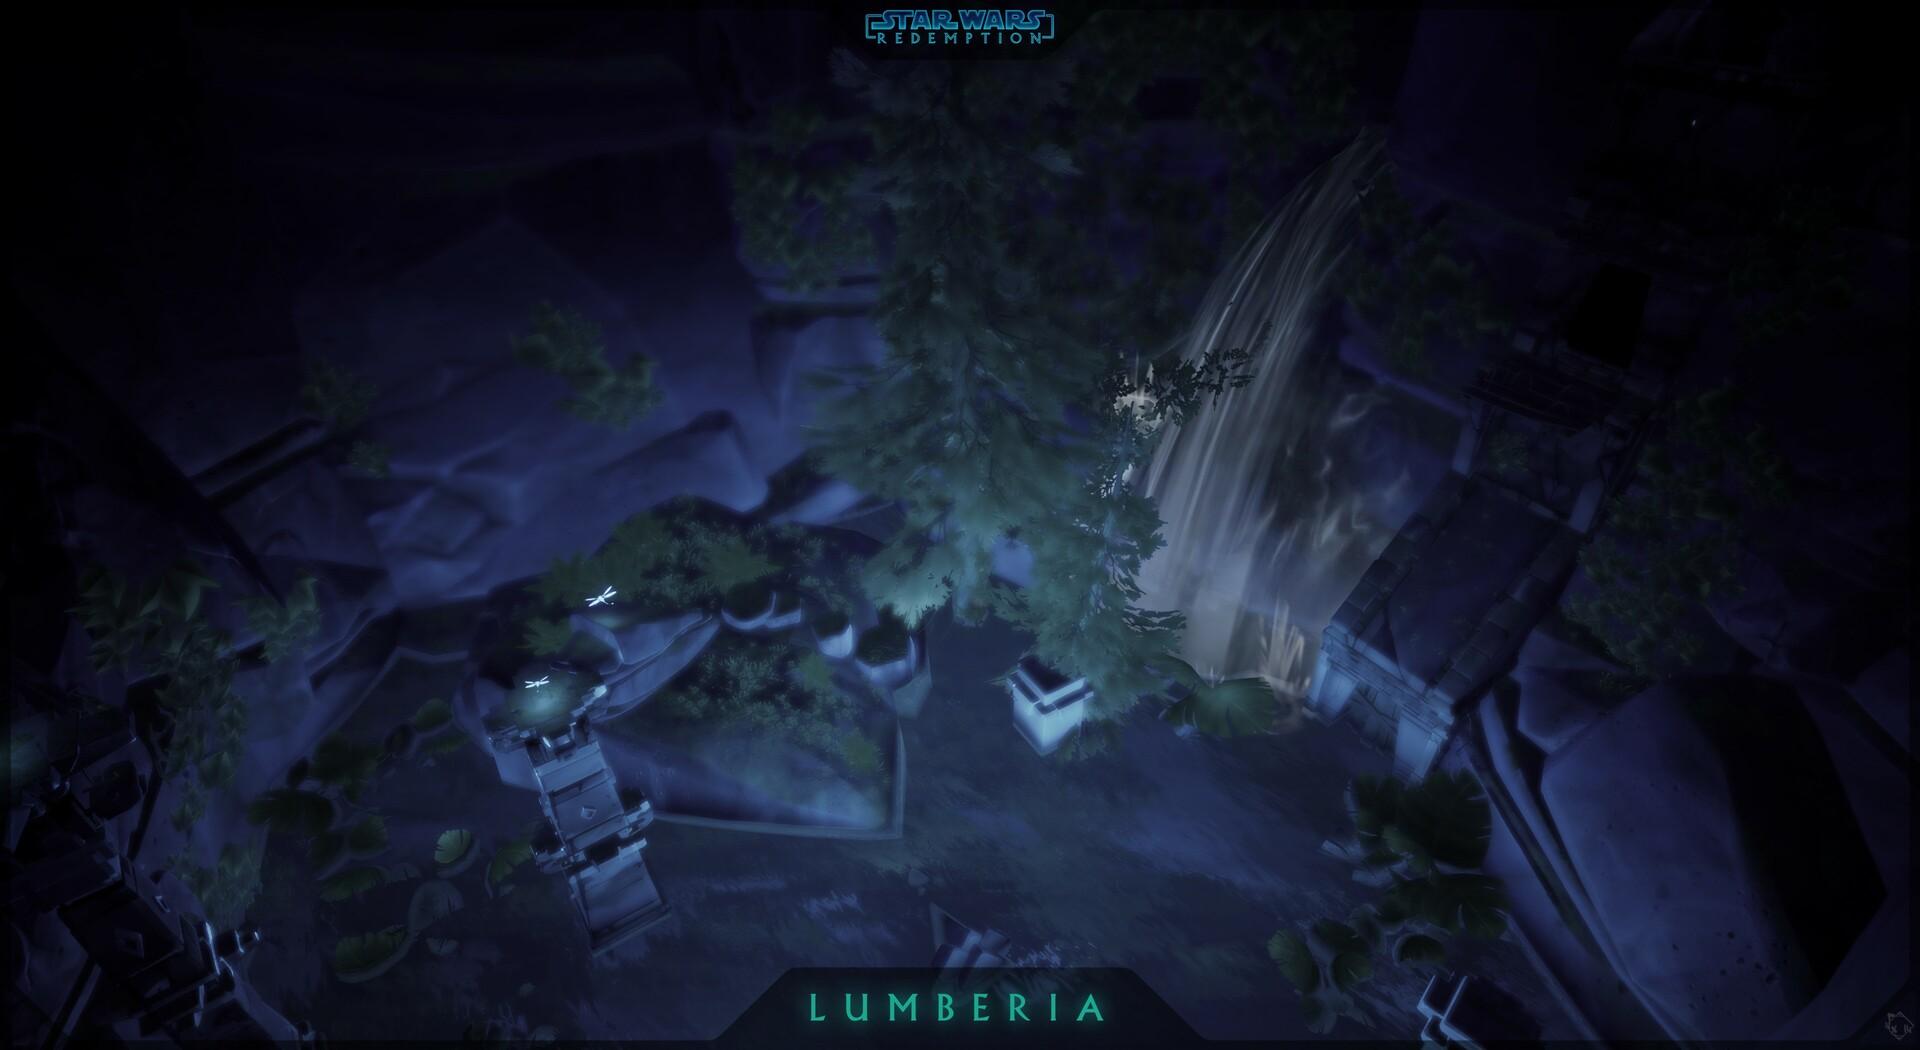 Etienne beschet swr screenshot lumberia ruins 21